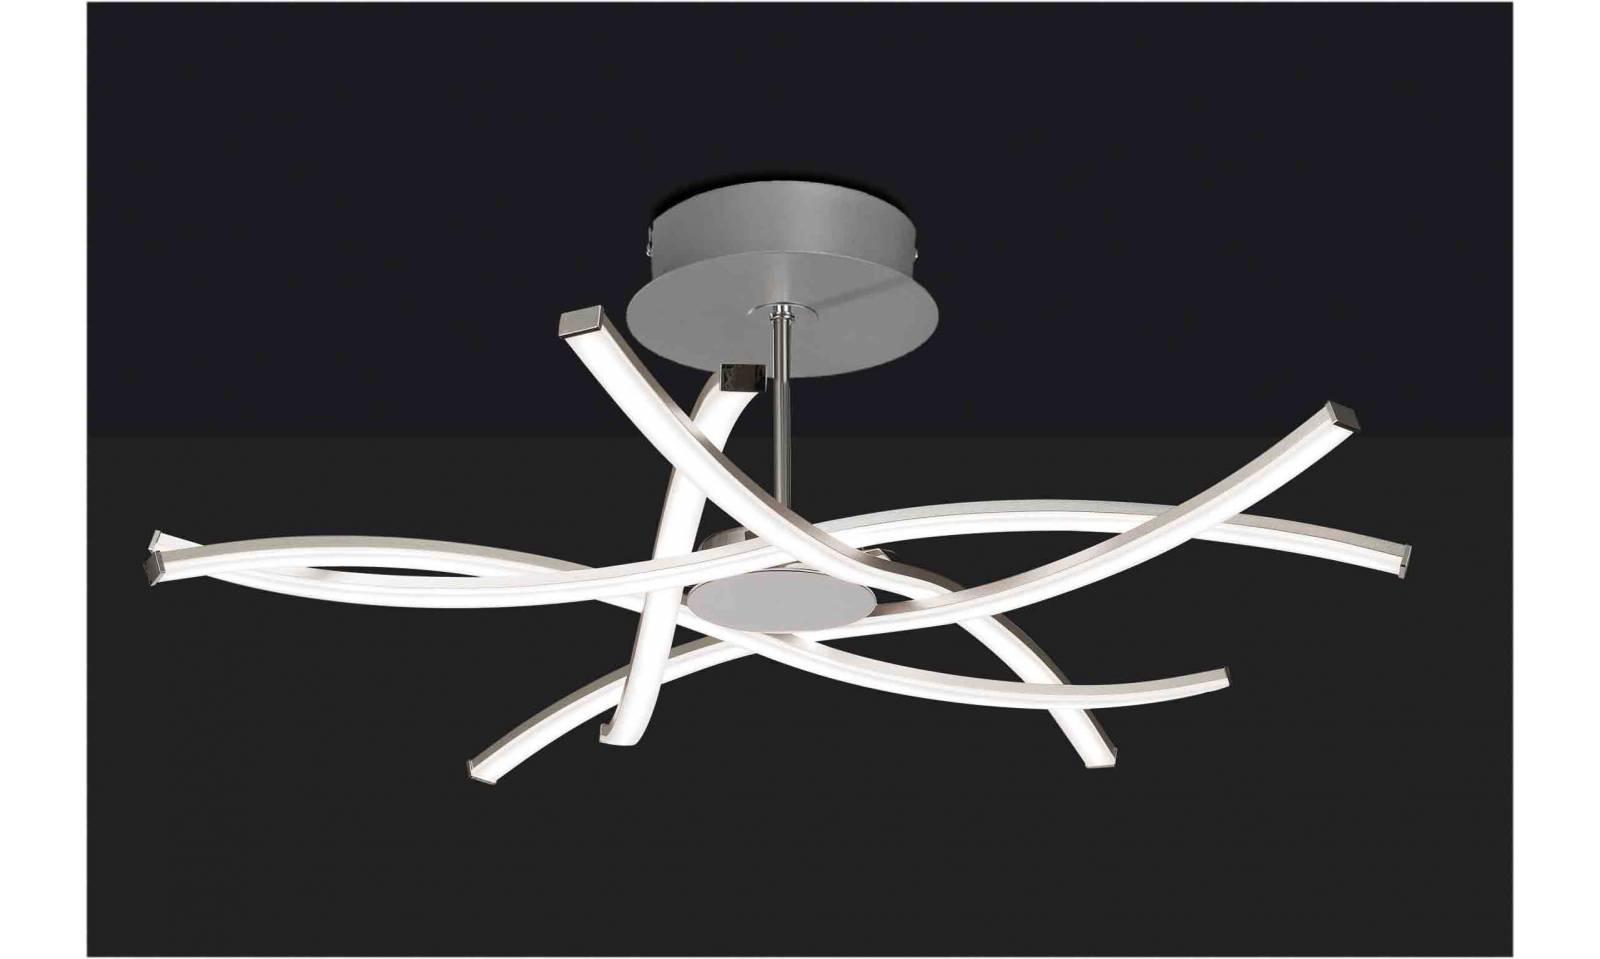 Plafoniera Vimini : Mantra illuminazione plafoniera aire lampada led